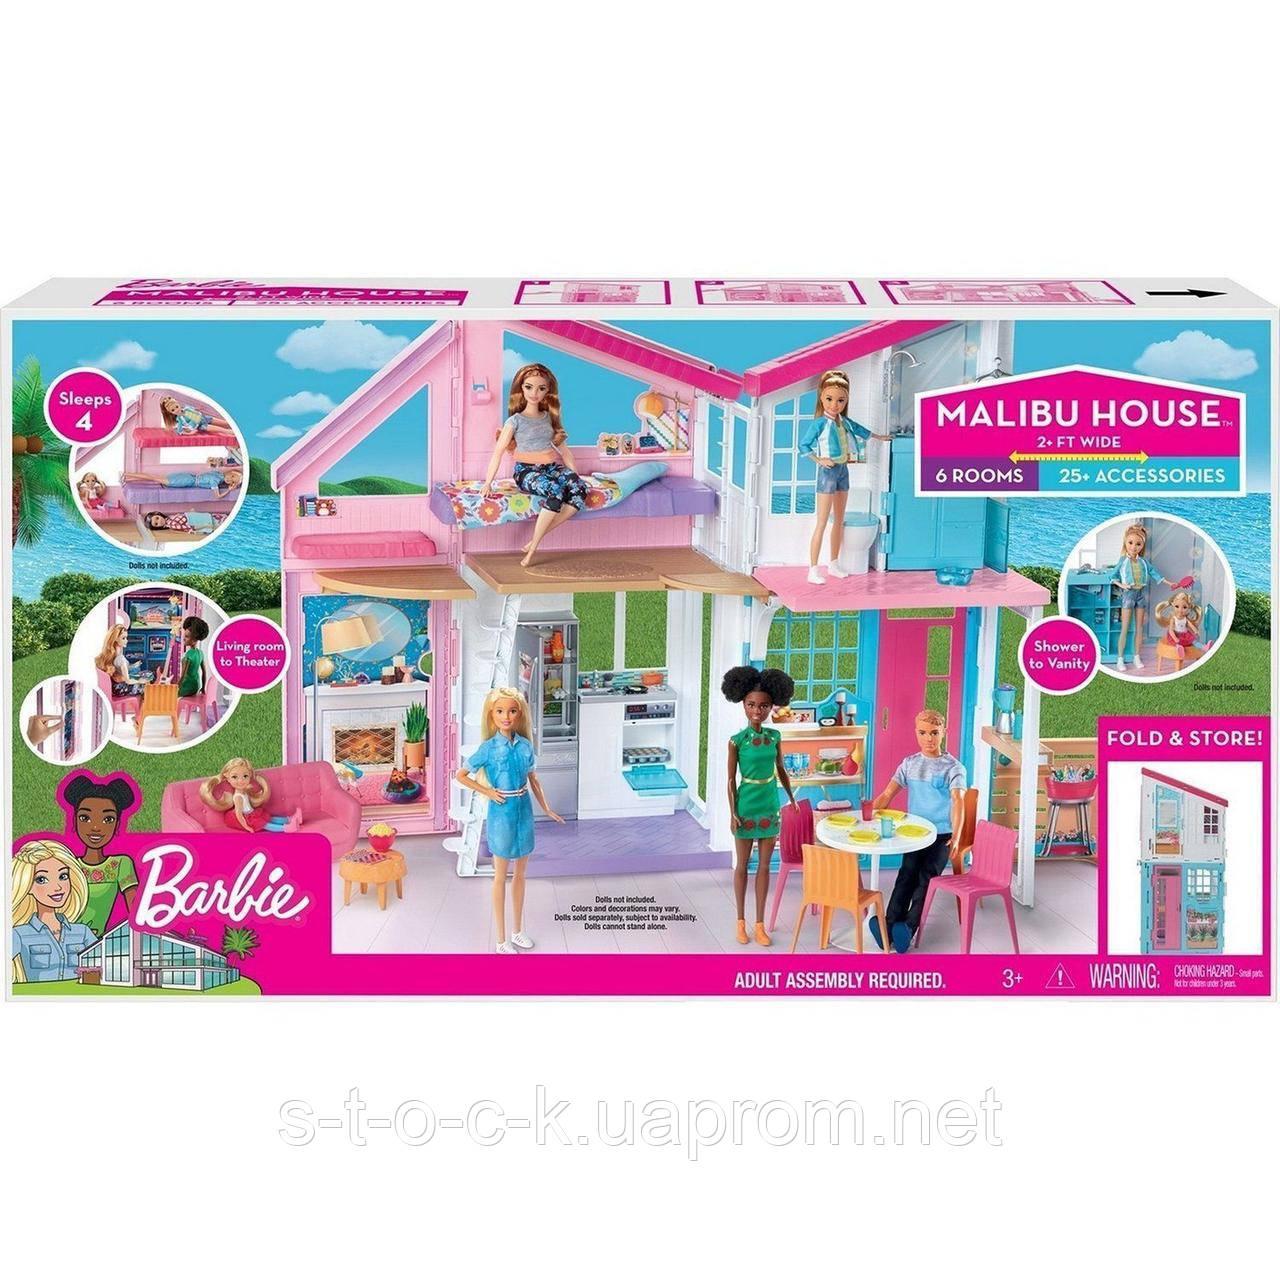 Городской дом Барби Малибу FXG57. Производитель: Mattel